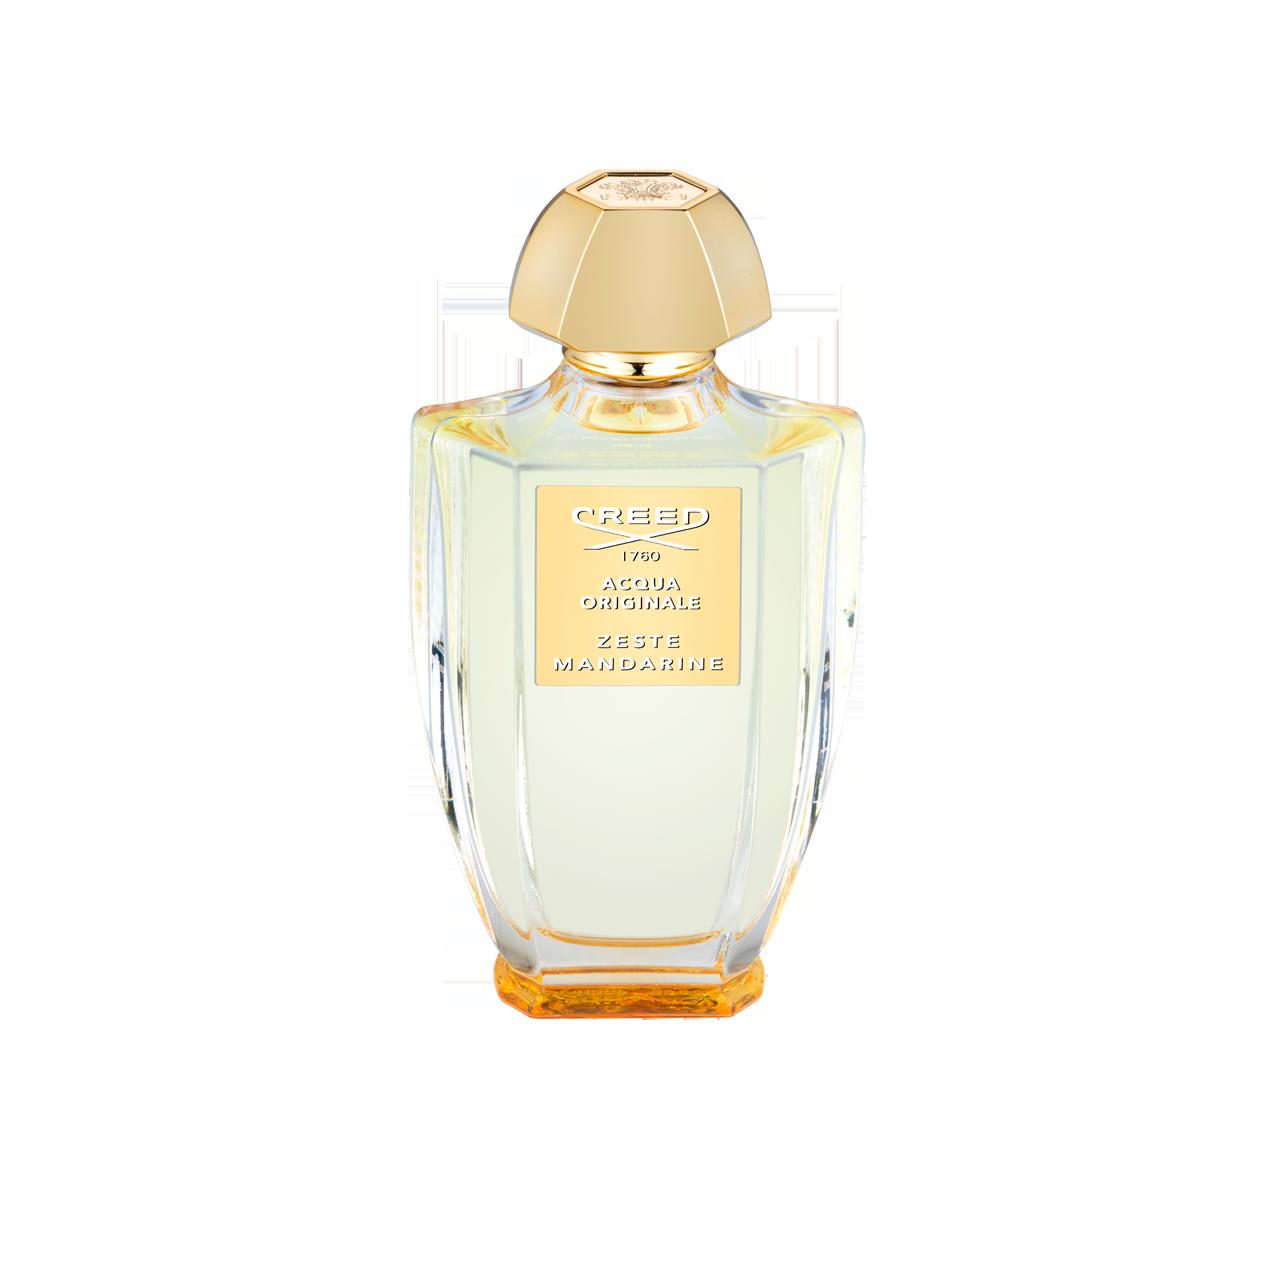 Zeste Mandarine Acqua Originale - Eau de Parfum